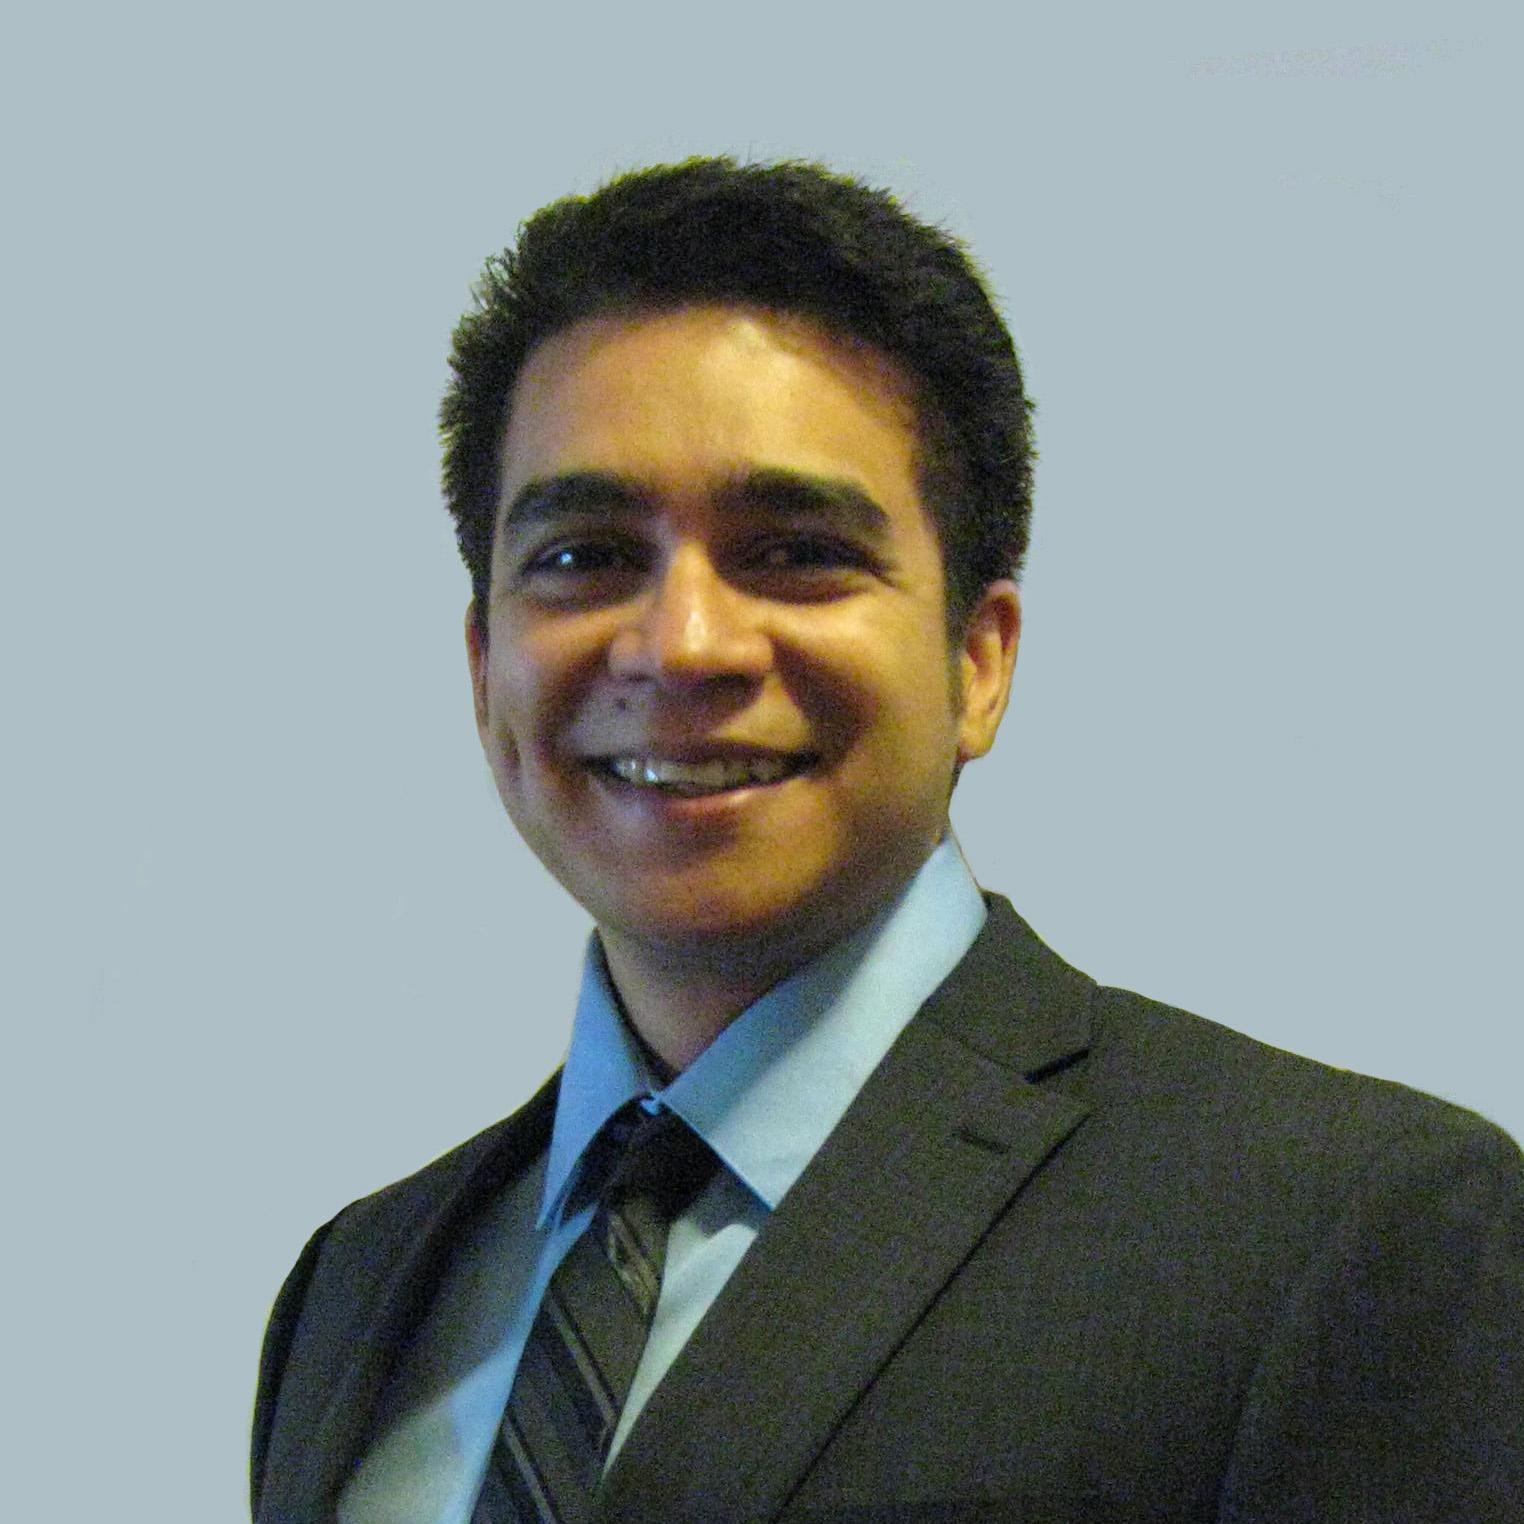 Brandon Delgado